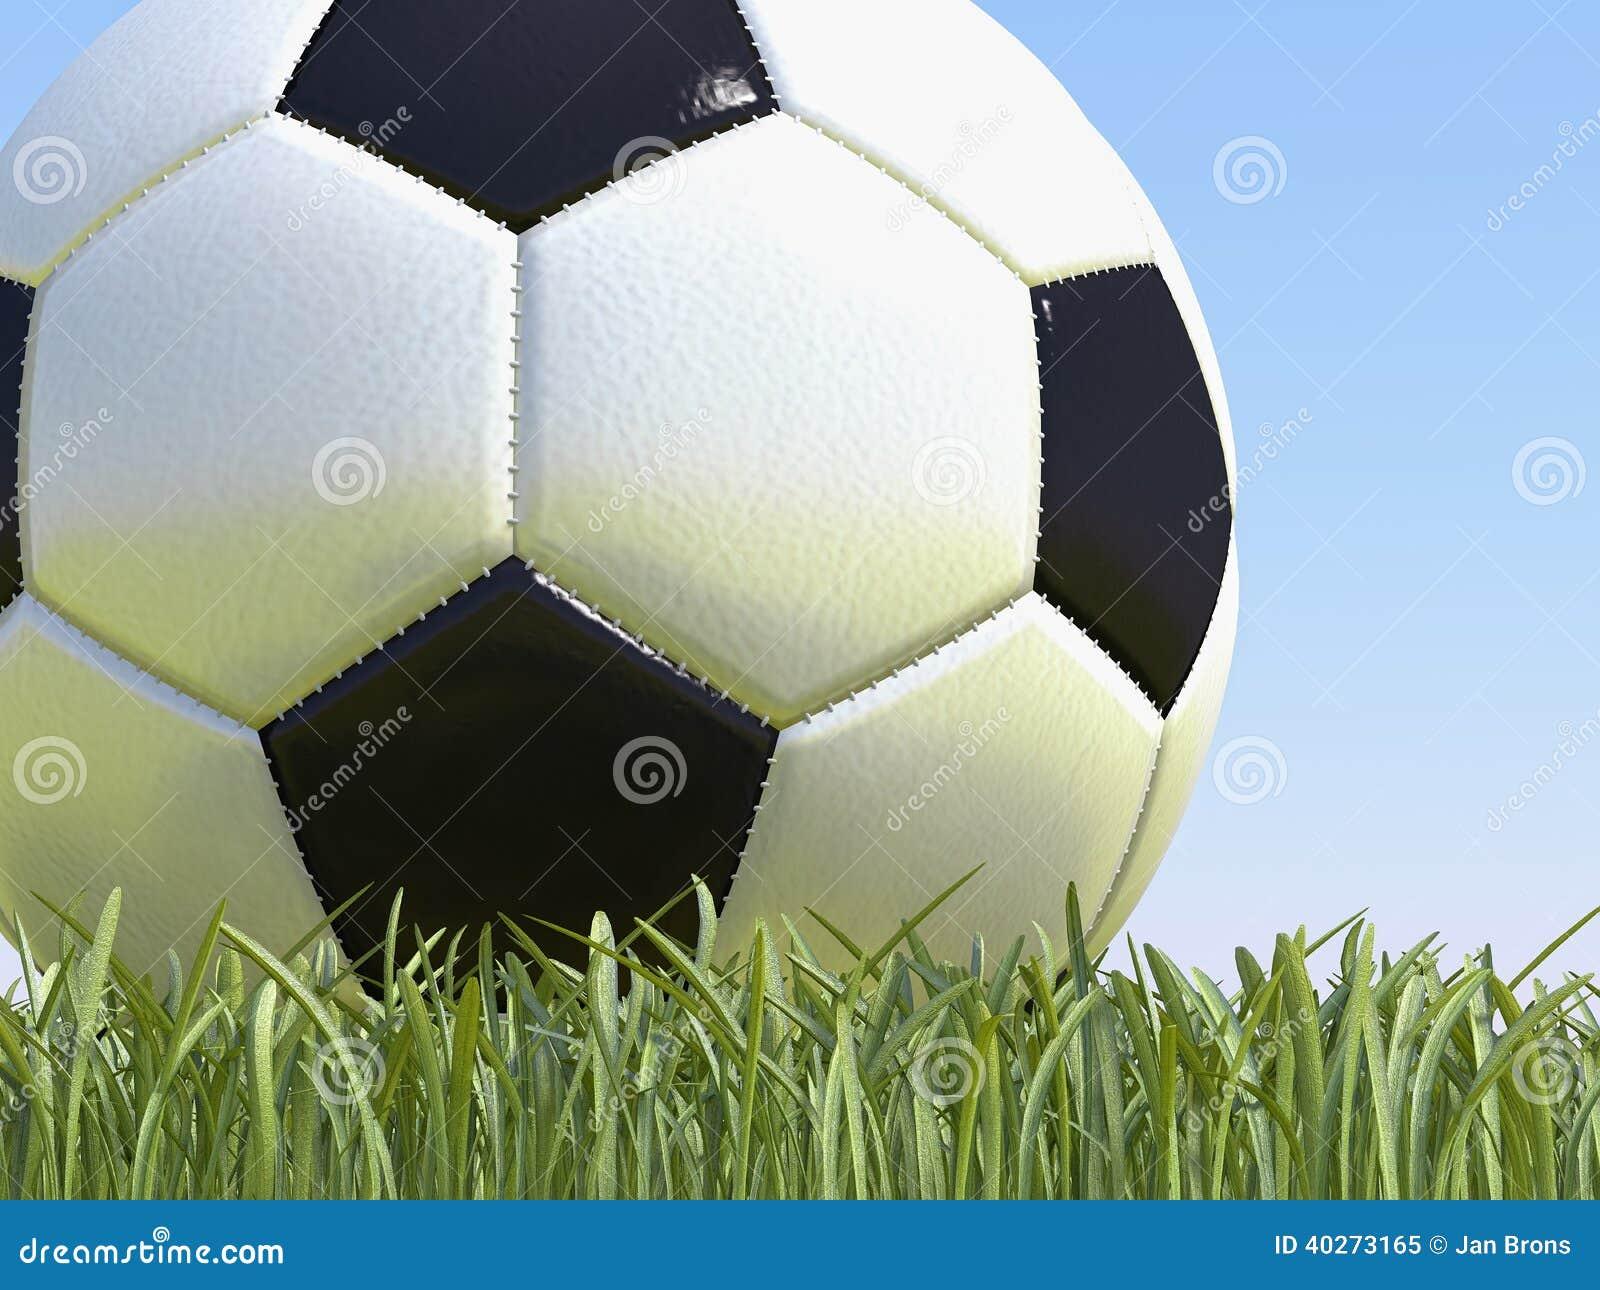 Футбольный мяч на траве